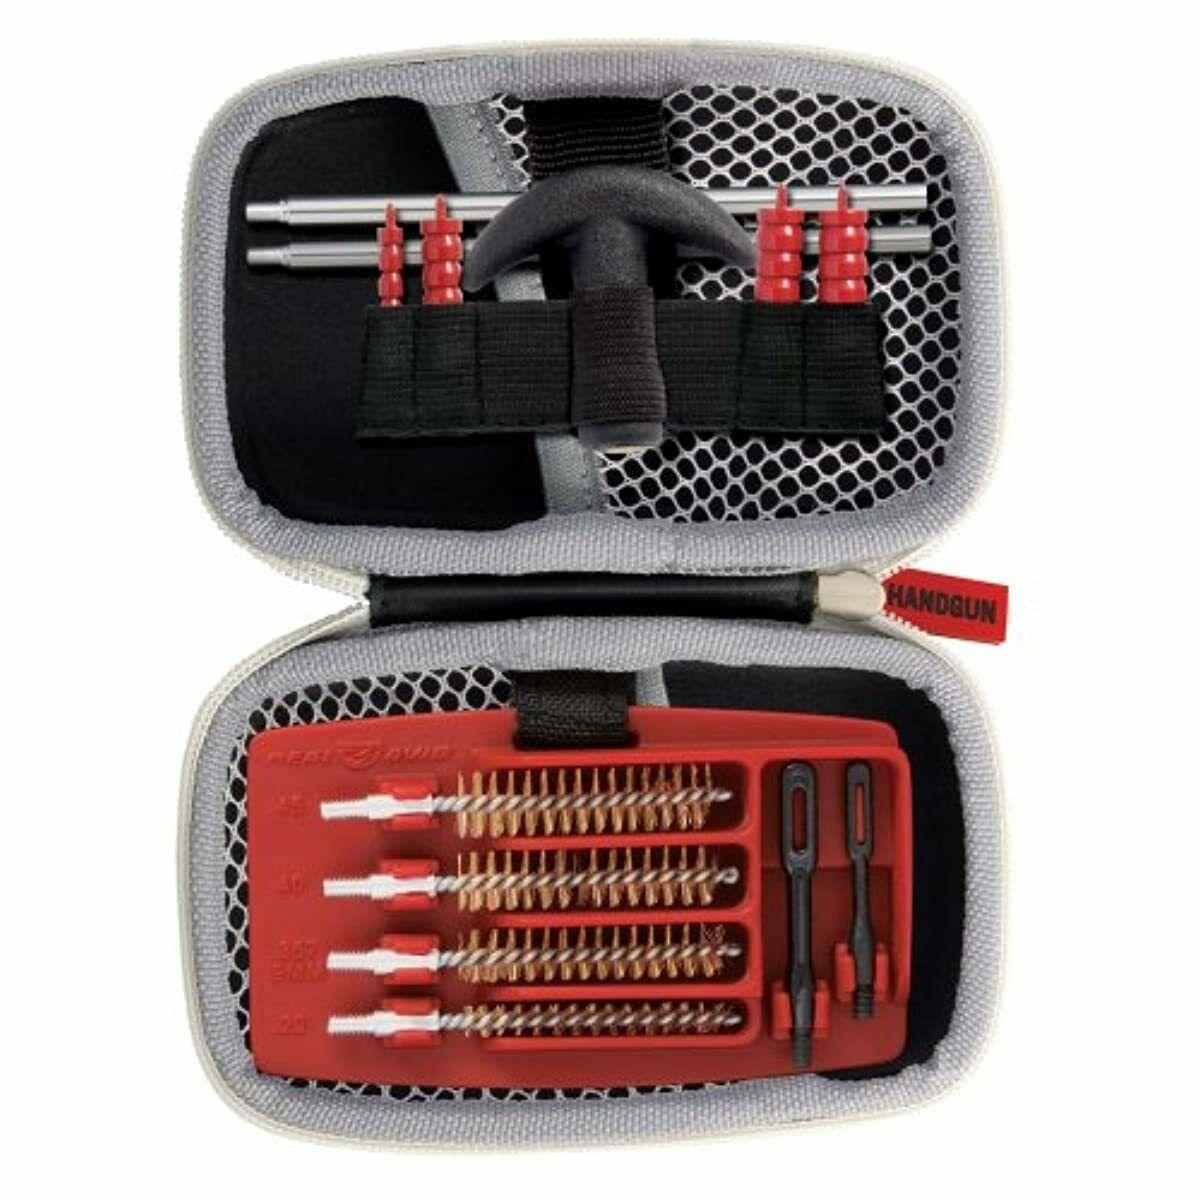 Real Avid Gun Boss Handgun Cleaning Kit – for .22, .357, 9